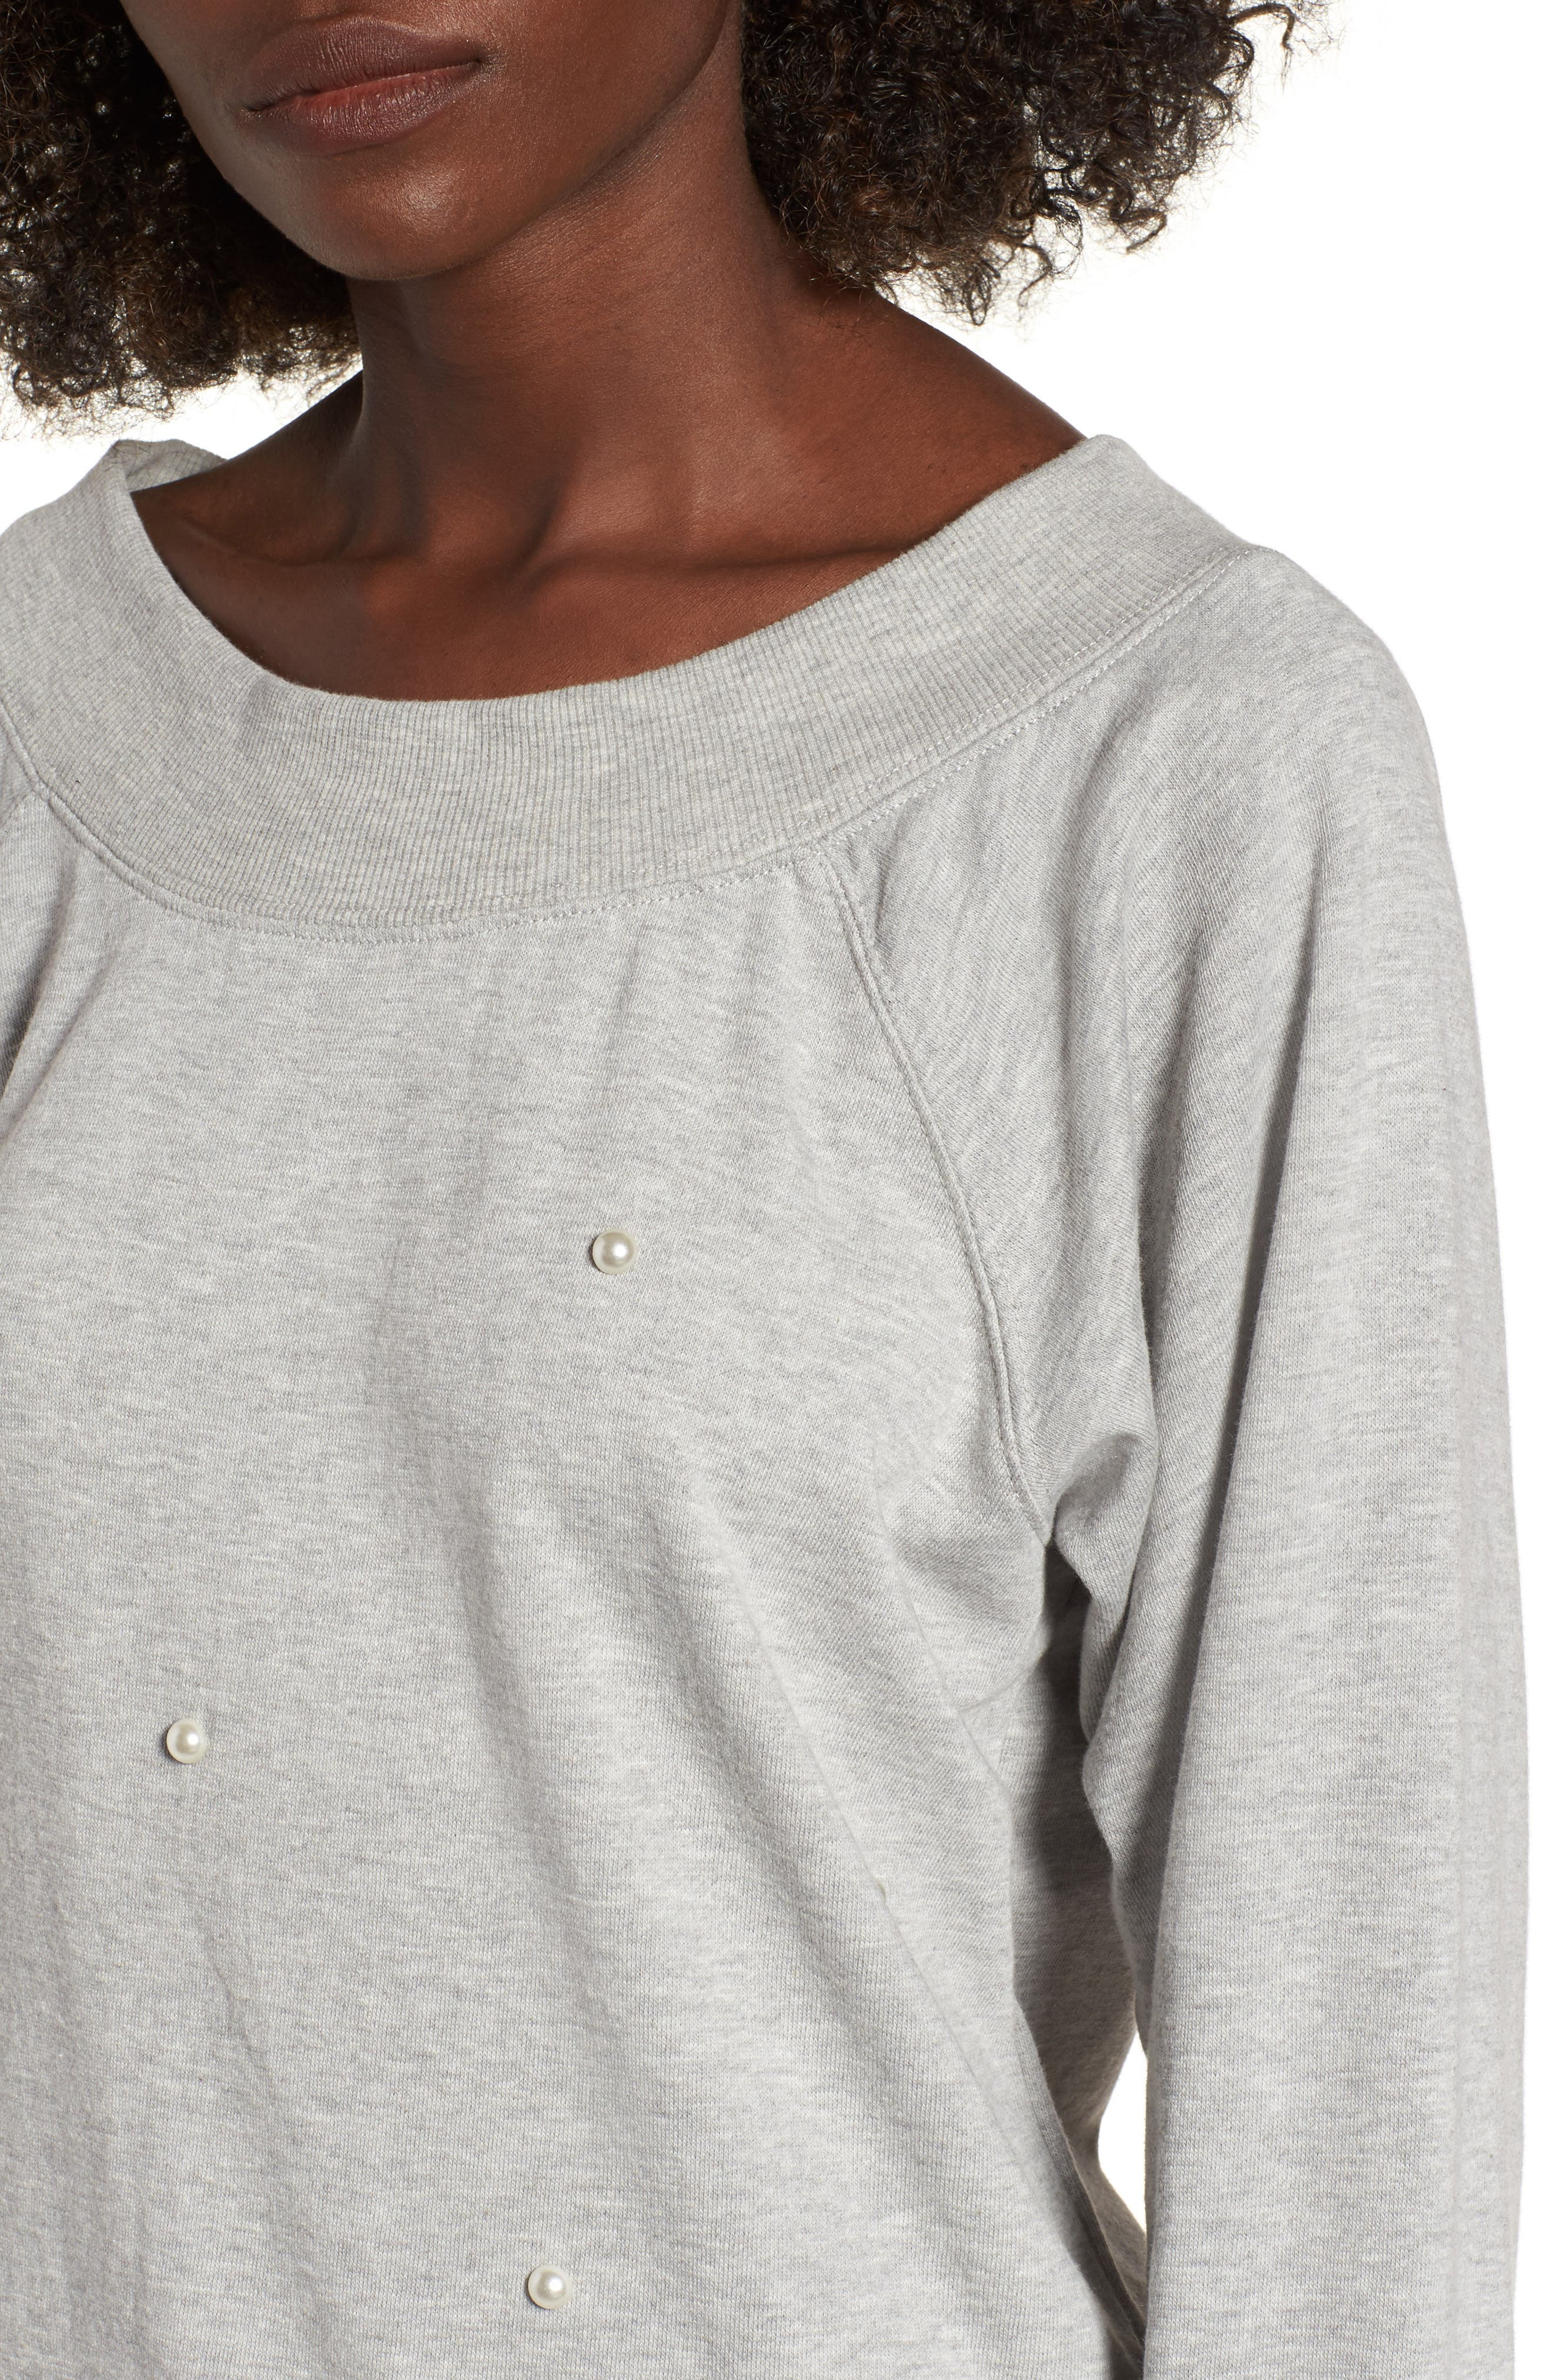 Embellished Off the Shoulder Sweatshirt,                             Alternate thumbnail 4, color,                             020